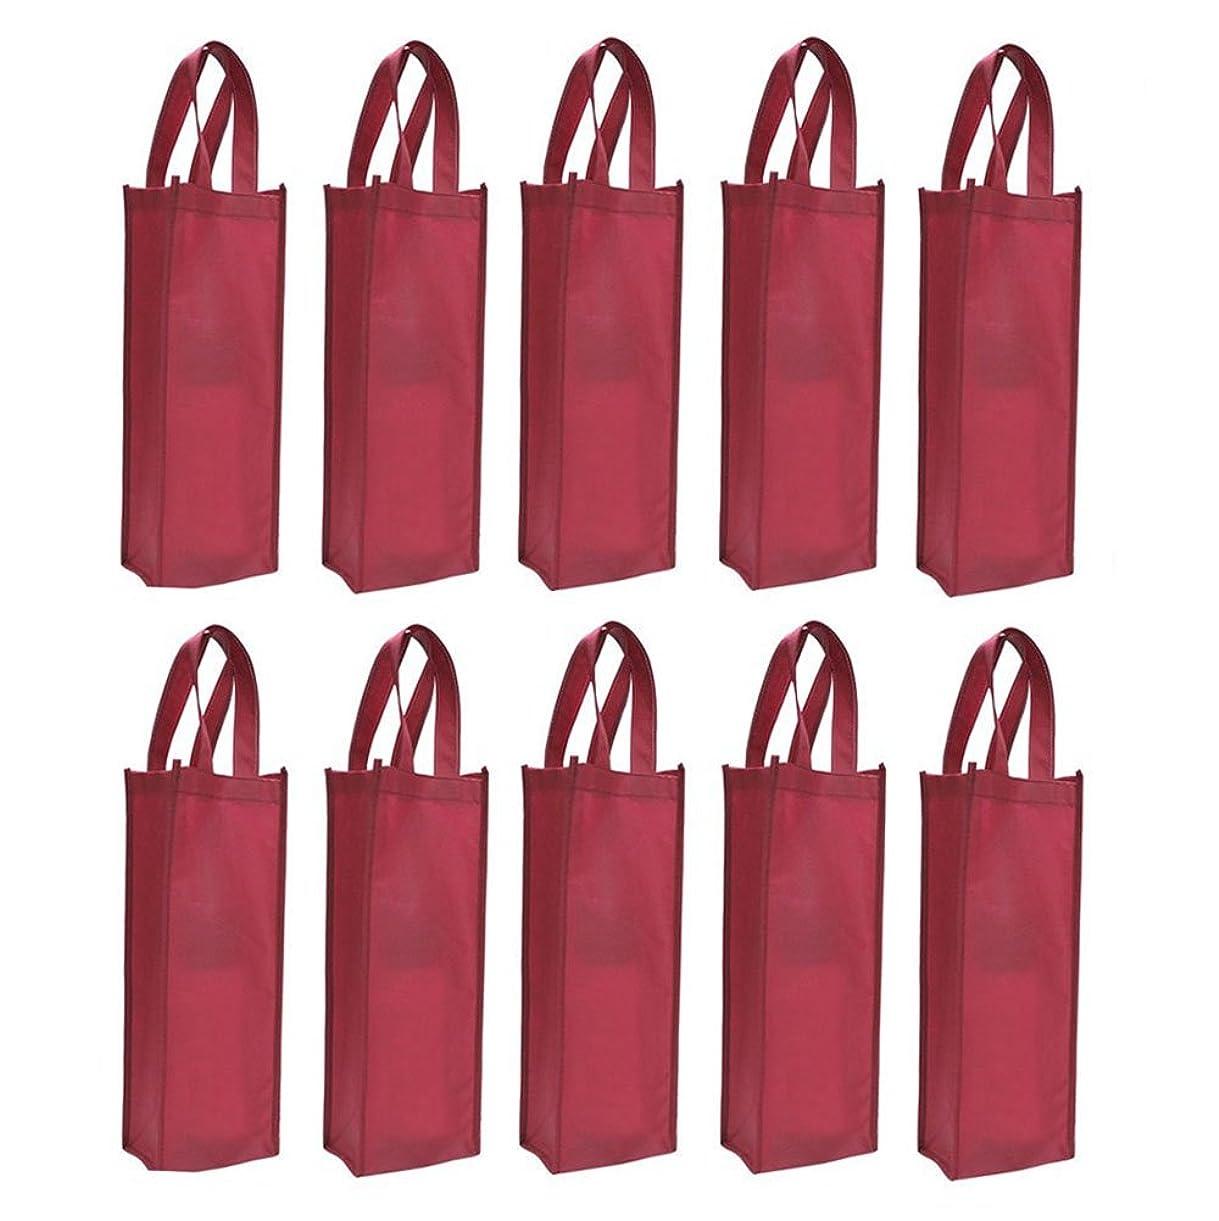 Homanda? 10pcs Dark Red Non-Woven Single Bottle Wine Tote Bag Holder, Reusable Gift Bag znpst6429